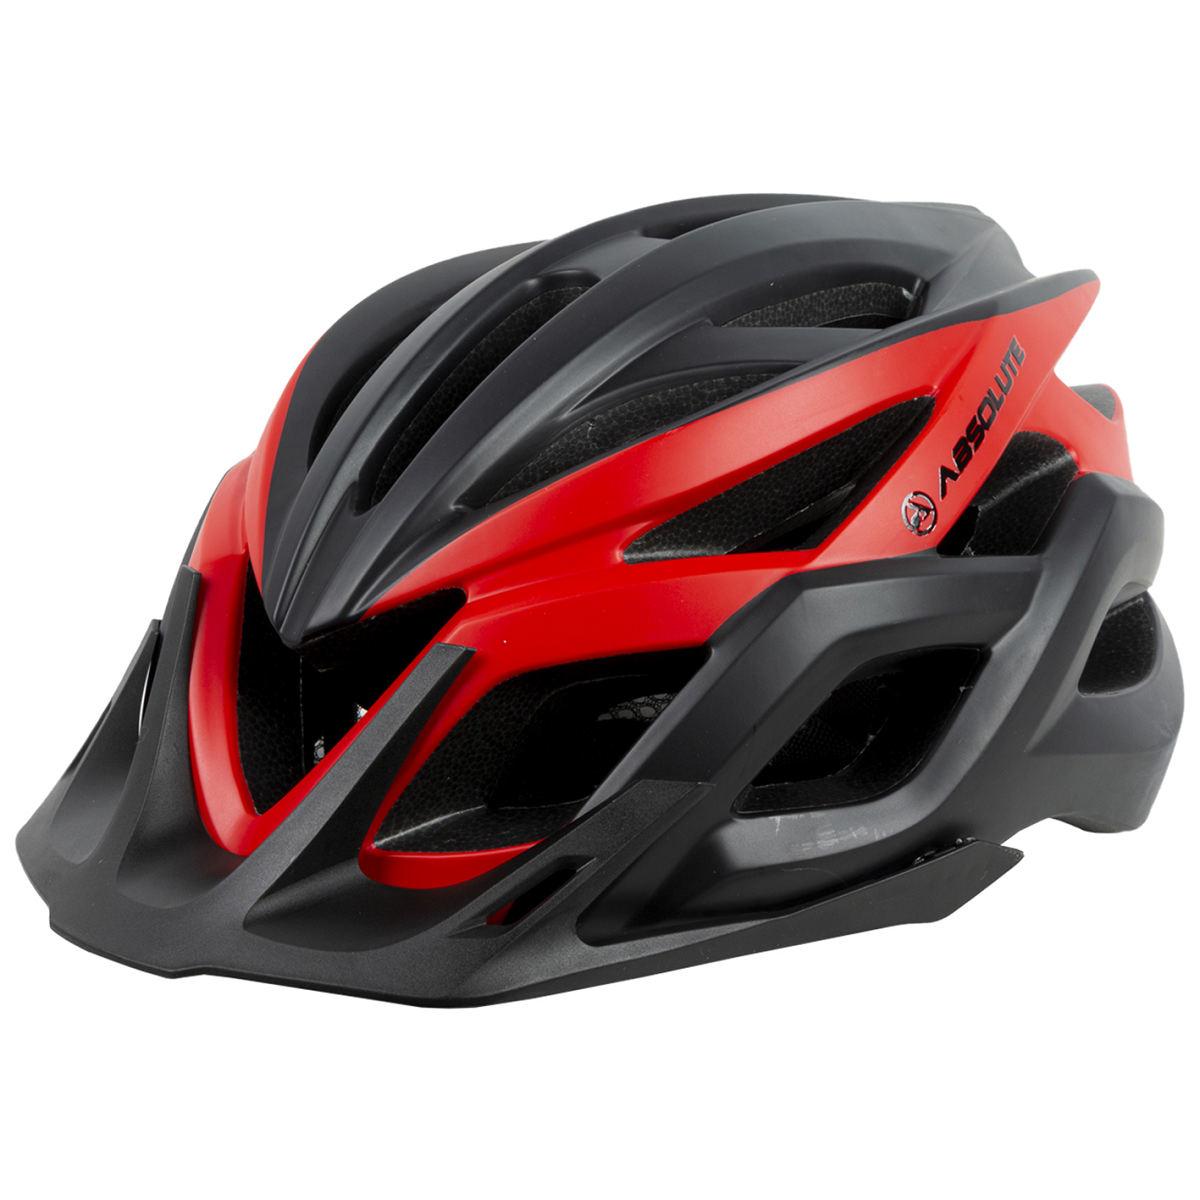 Capacete-para-Ciclismo-Absolute-Wild-Flash-Vermelho-Fosco-com-Sinalizador-USB---9964--1-